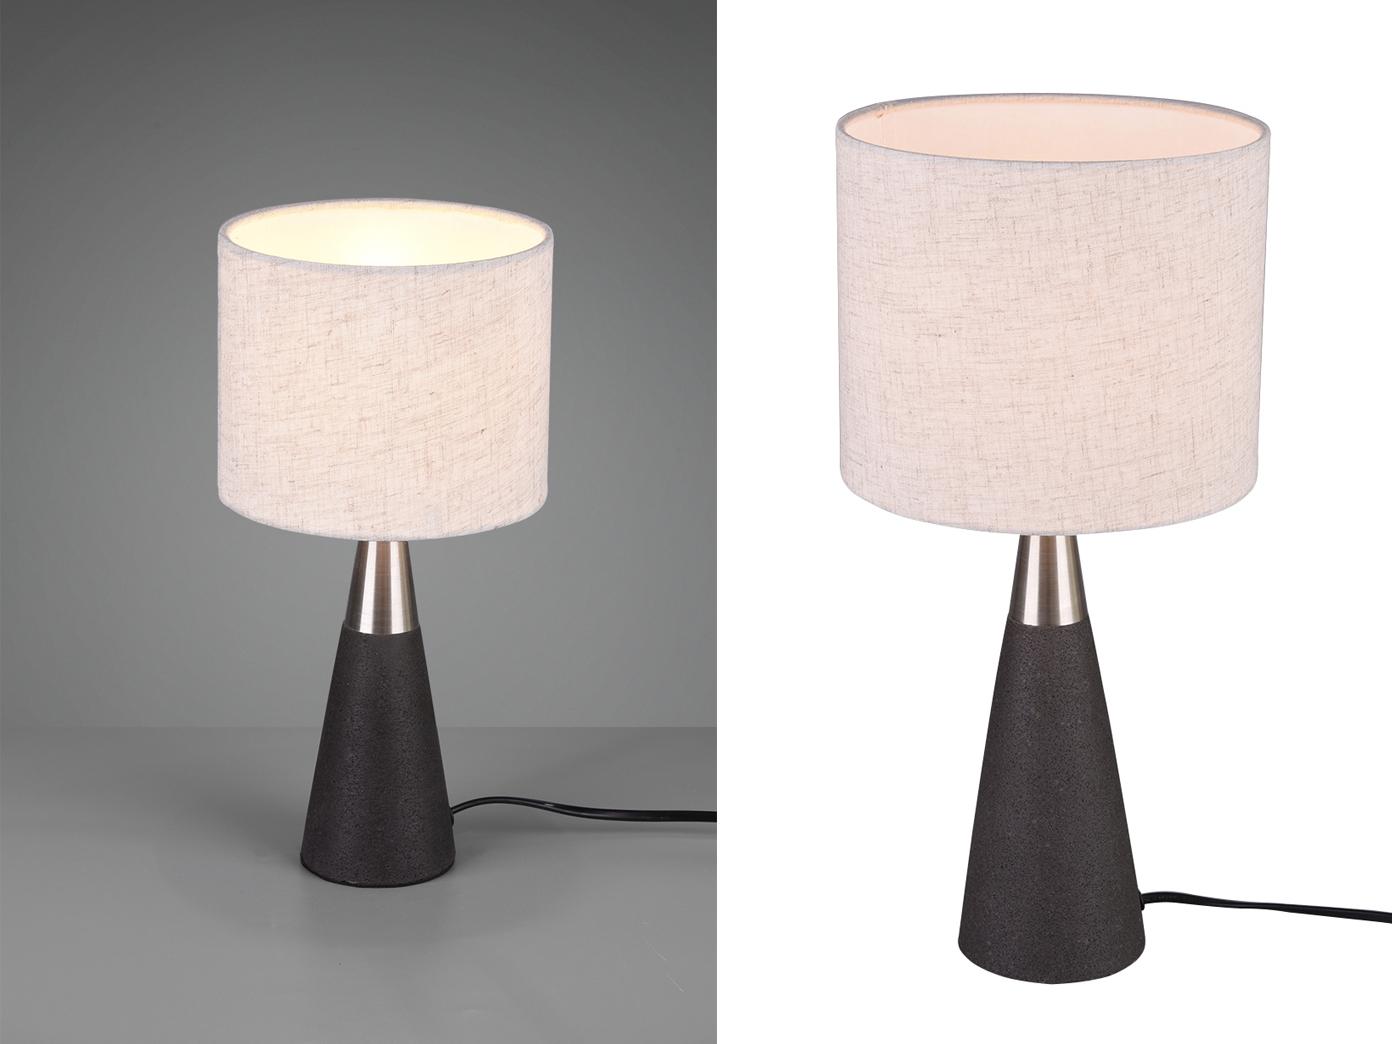 Tischlampen modern mit STOFF Lampenschirm rund aus Beton Schlafzimmerlampen E14